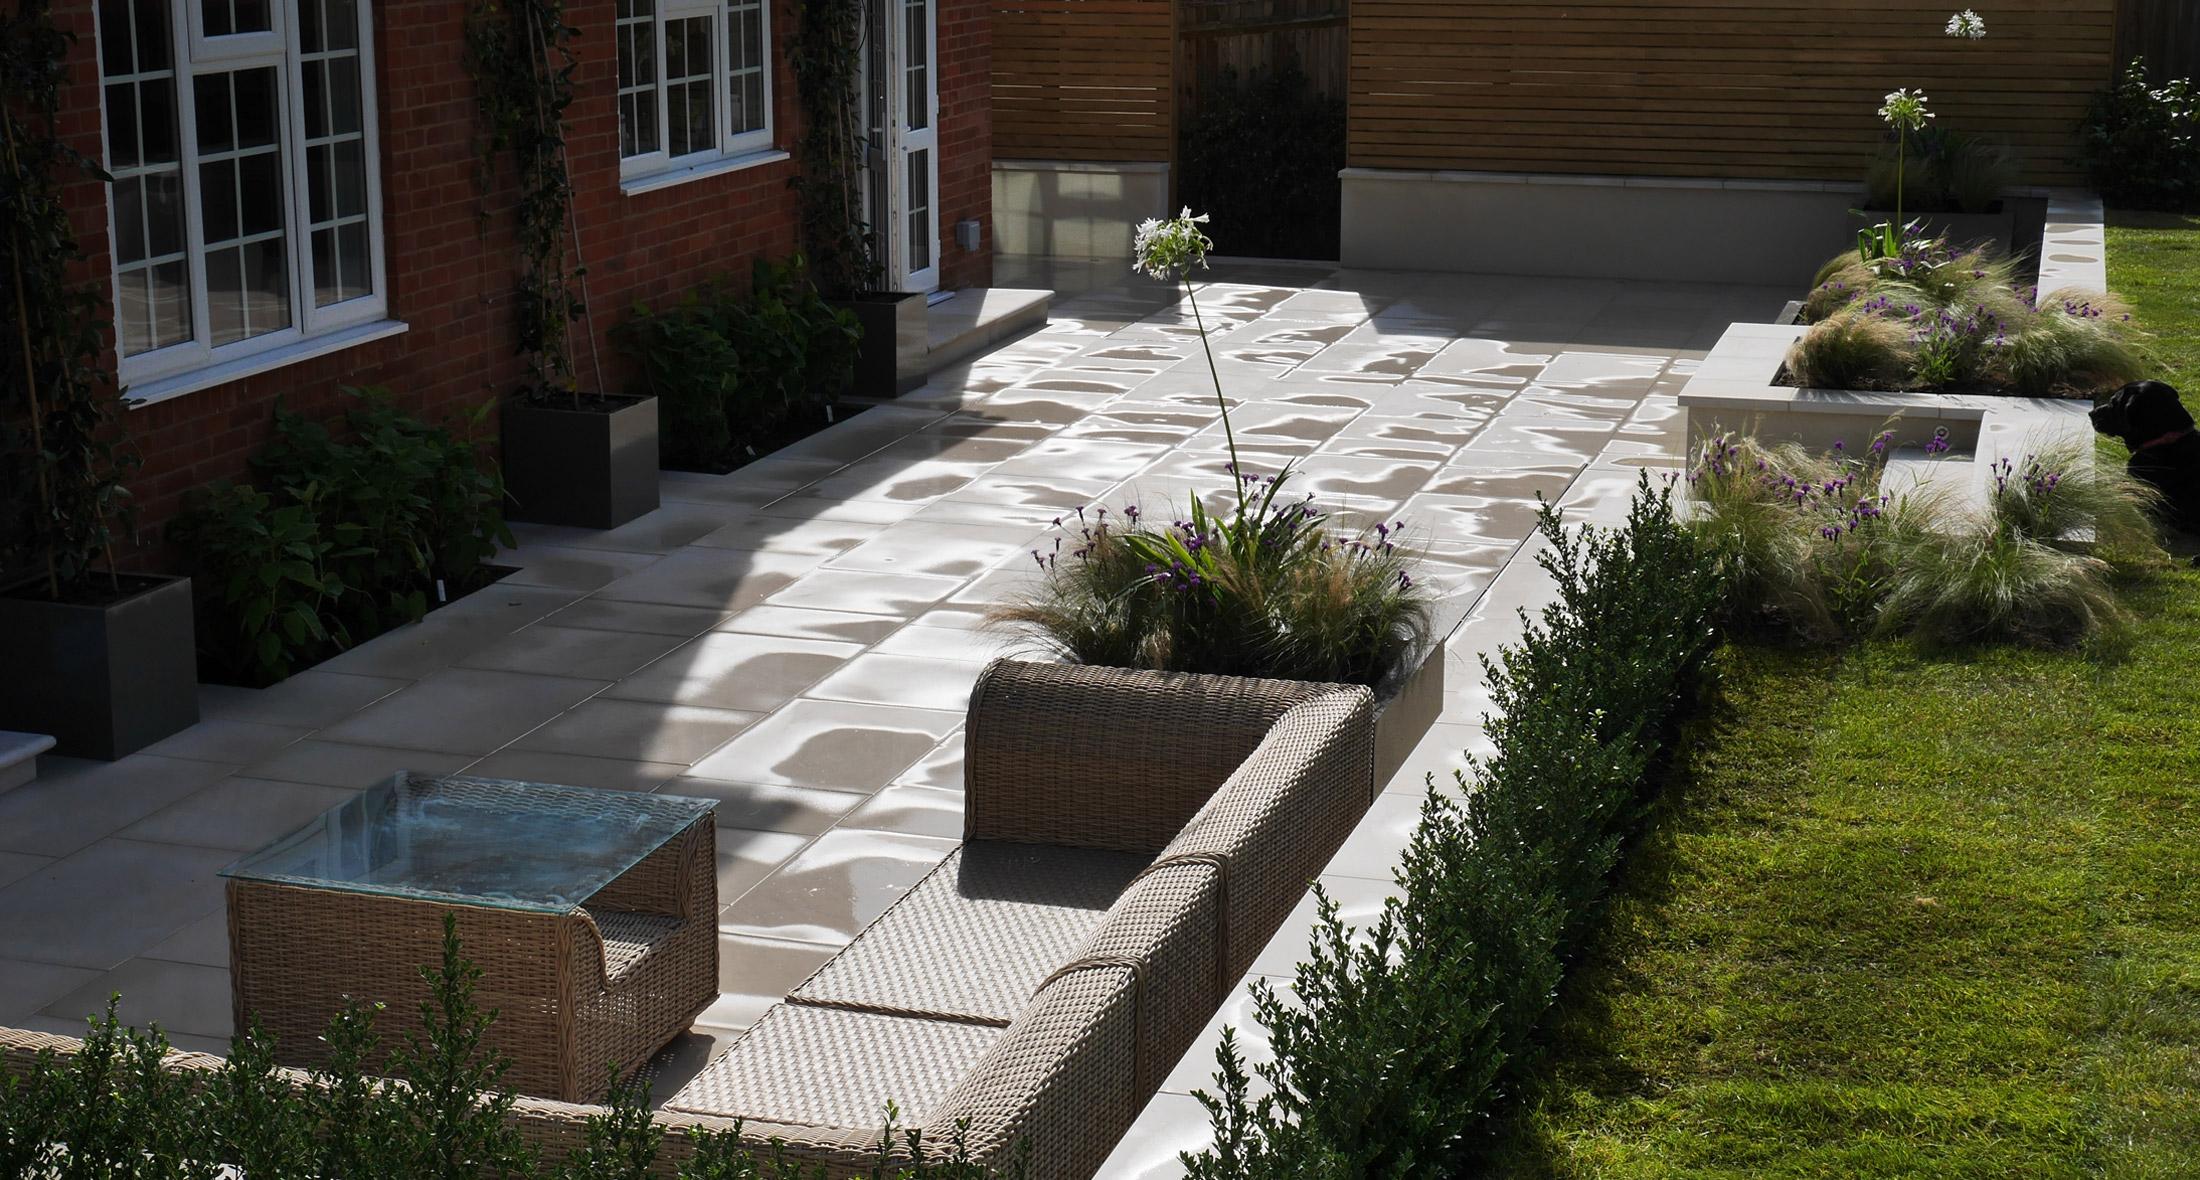 Slate grey garden design landscaping tunbridge wells kent - Outdoor patio design ideas ...